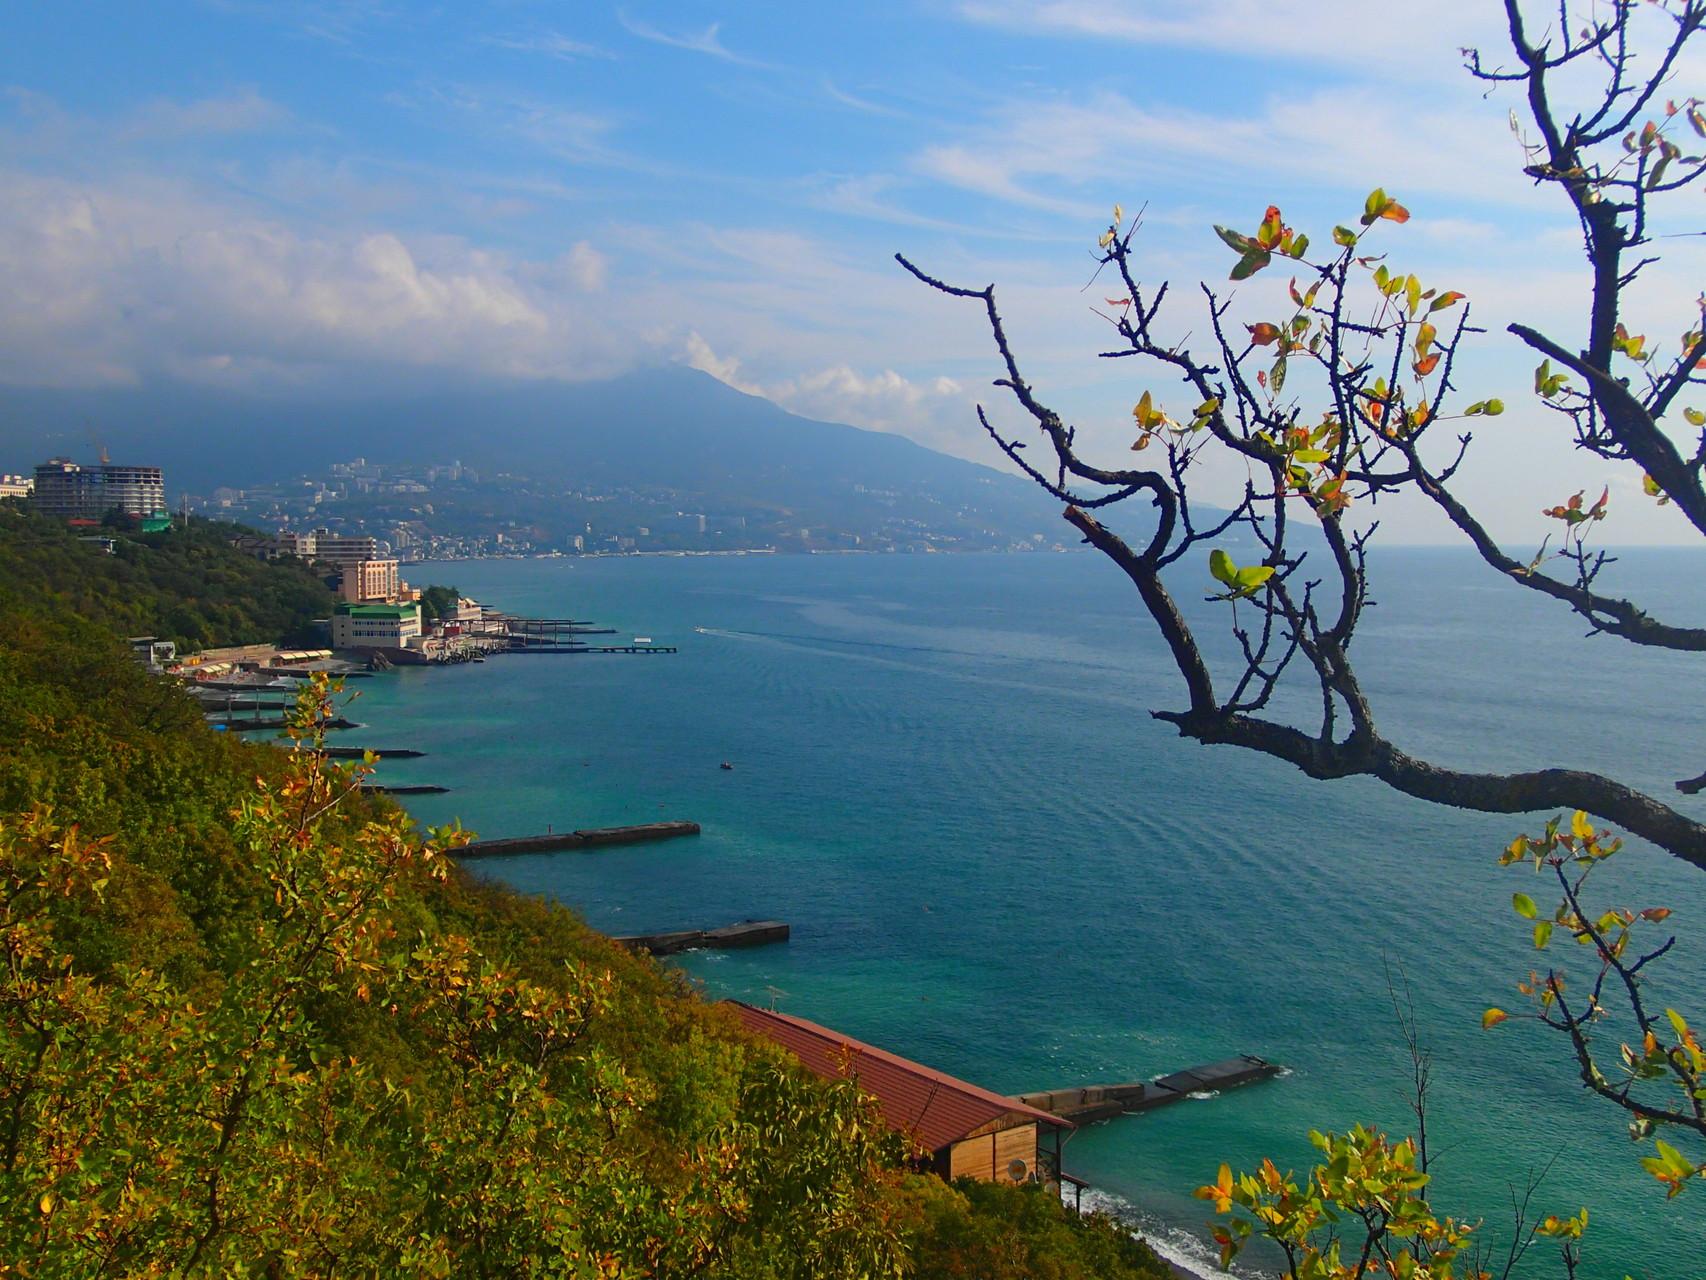 Ein schöne Aussicht auf das schwarze Meer